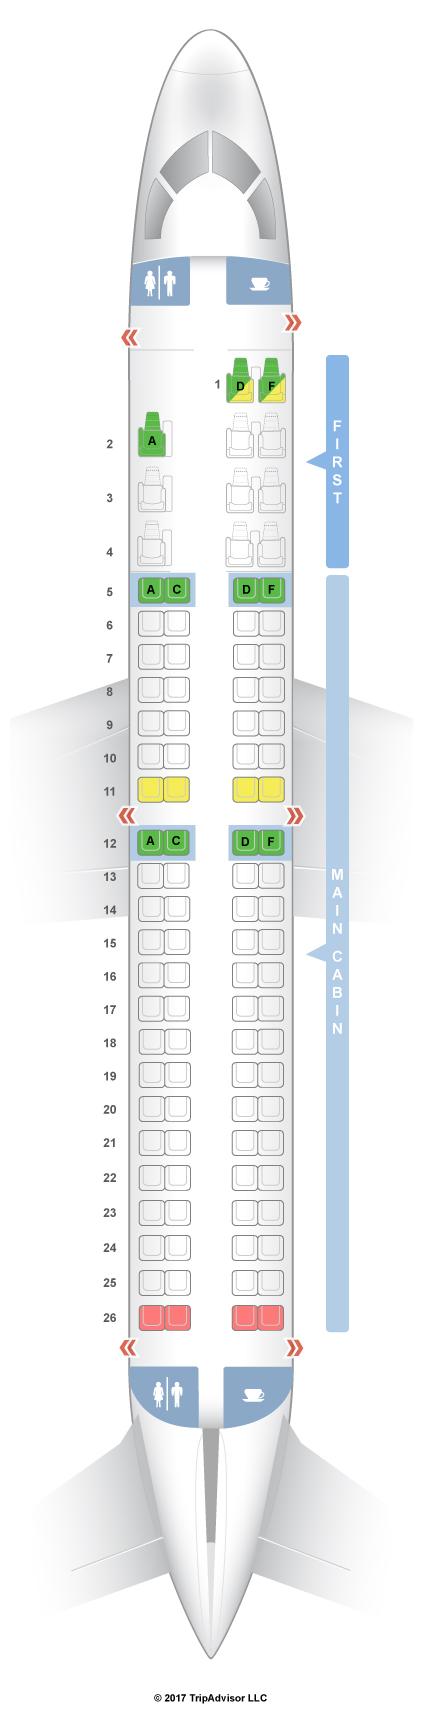 Seatguru Seat Map American Airlines Embraer Erj